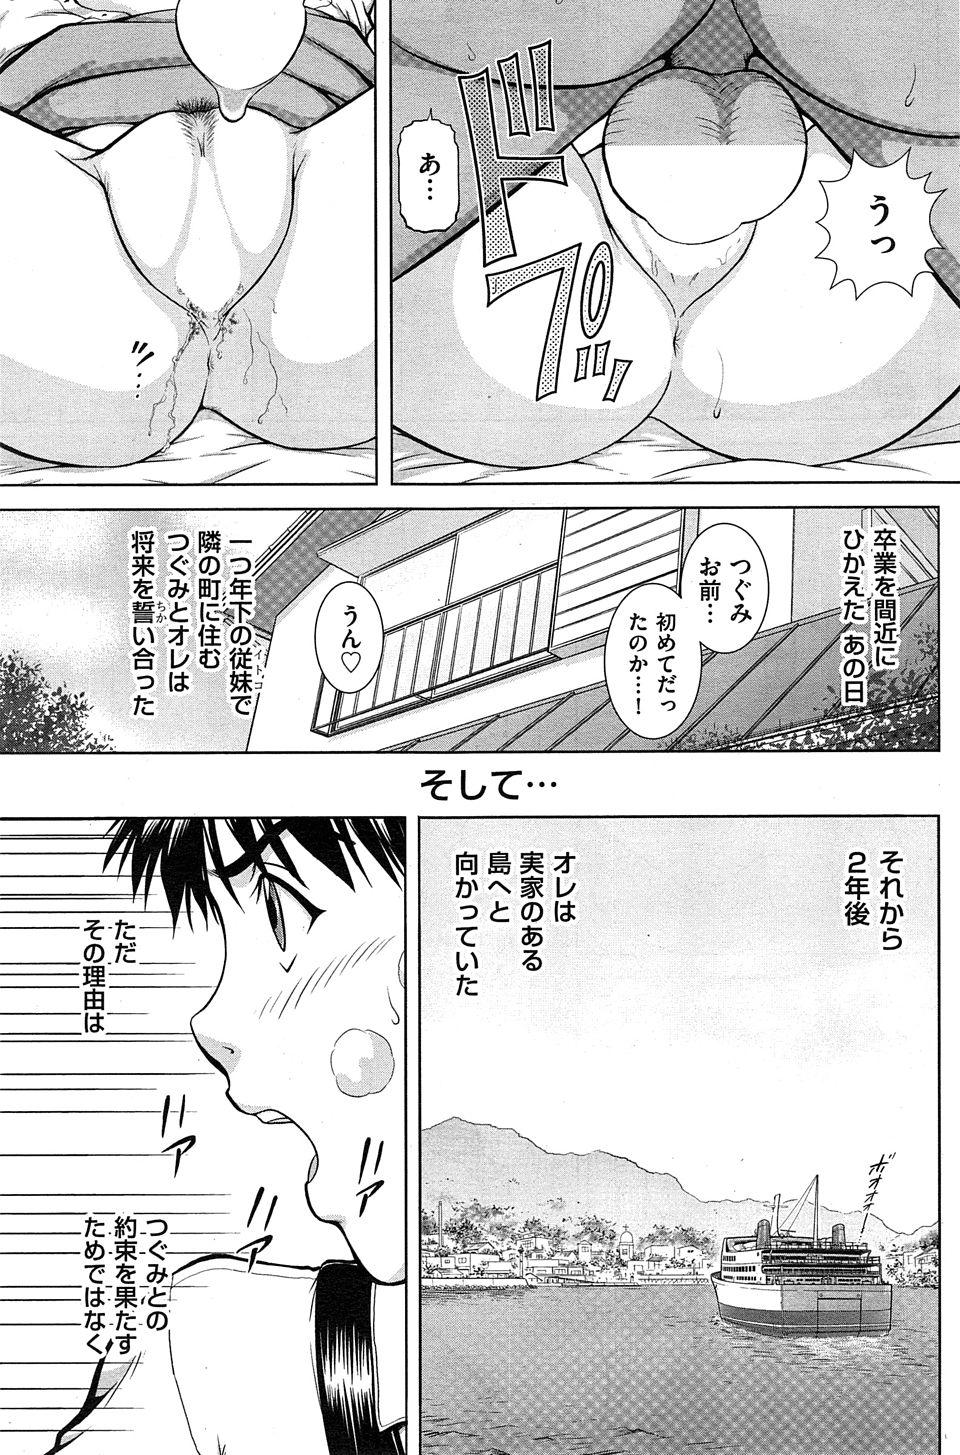 【エロ漫画・エロ同人】久々に田舎に帰って巨乳のイトコとセックスwww (3)